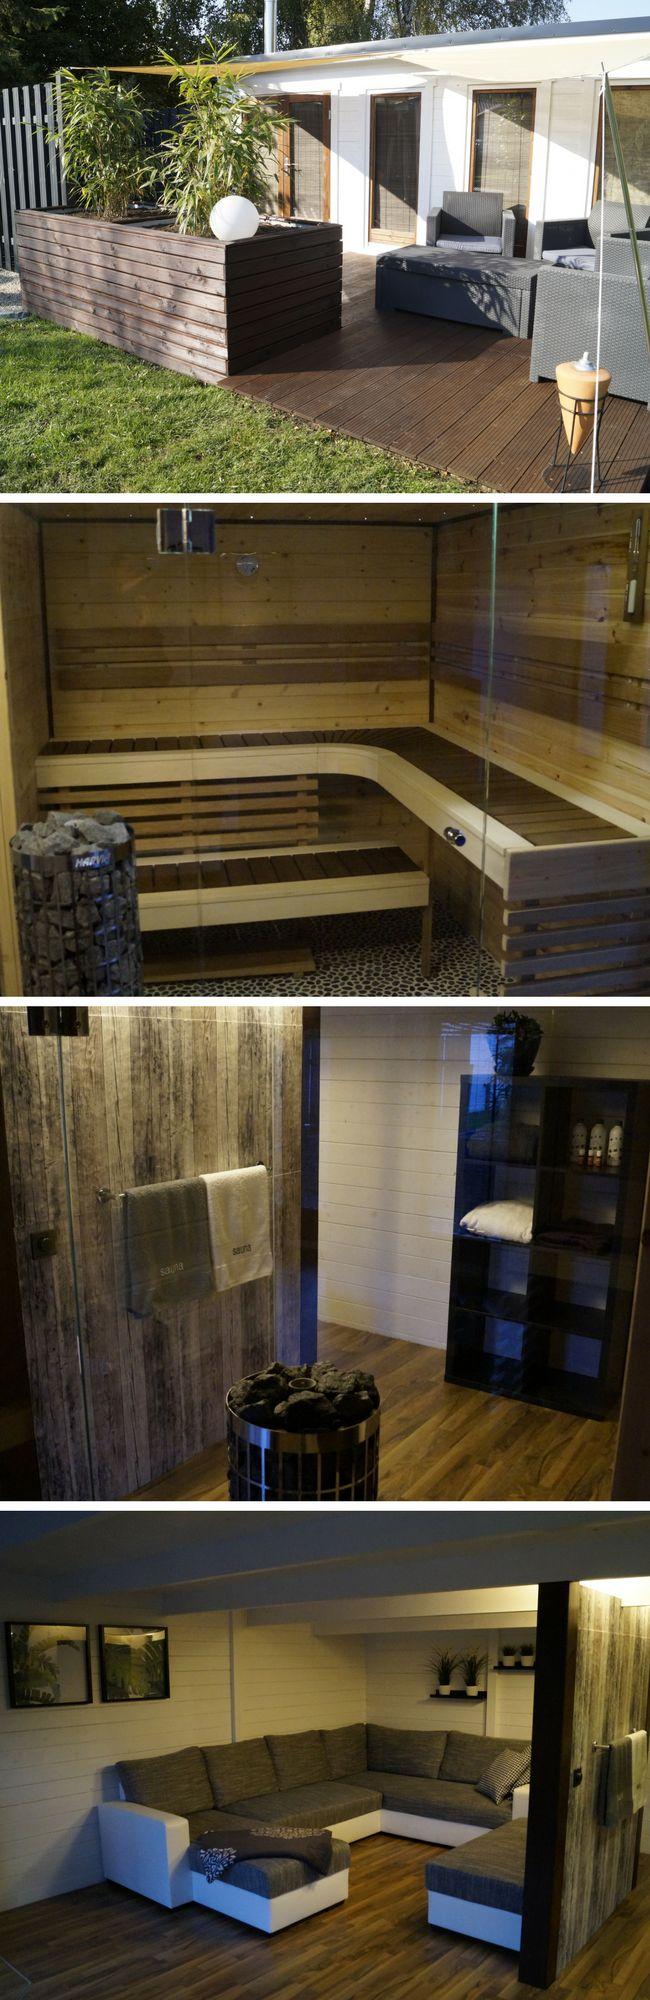 80 besten Eine Sauna für den Garten Bilder auf Pinterest